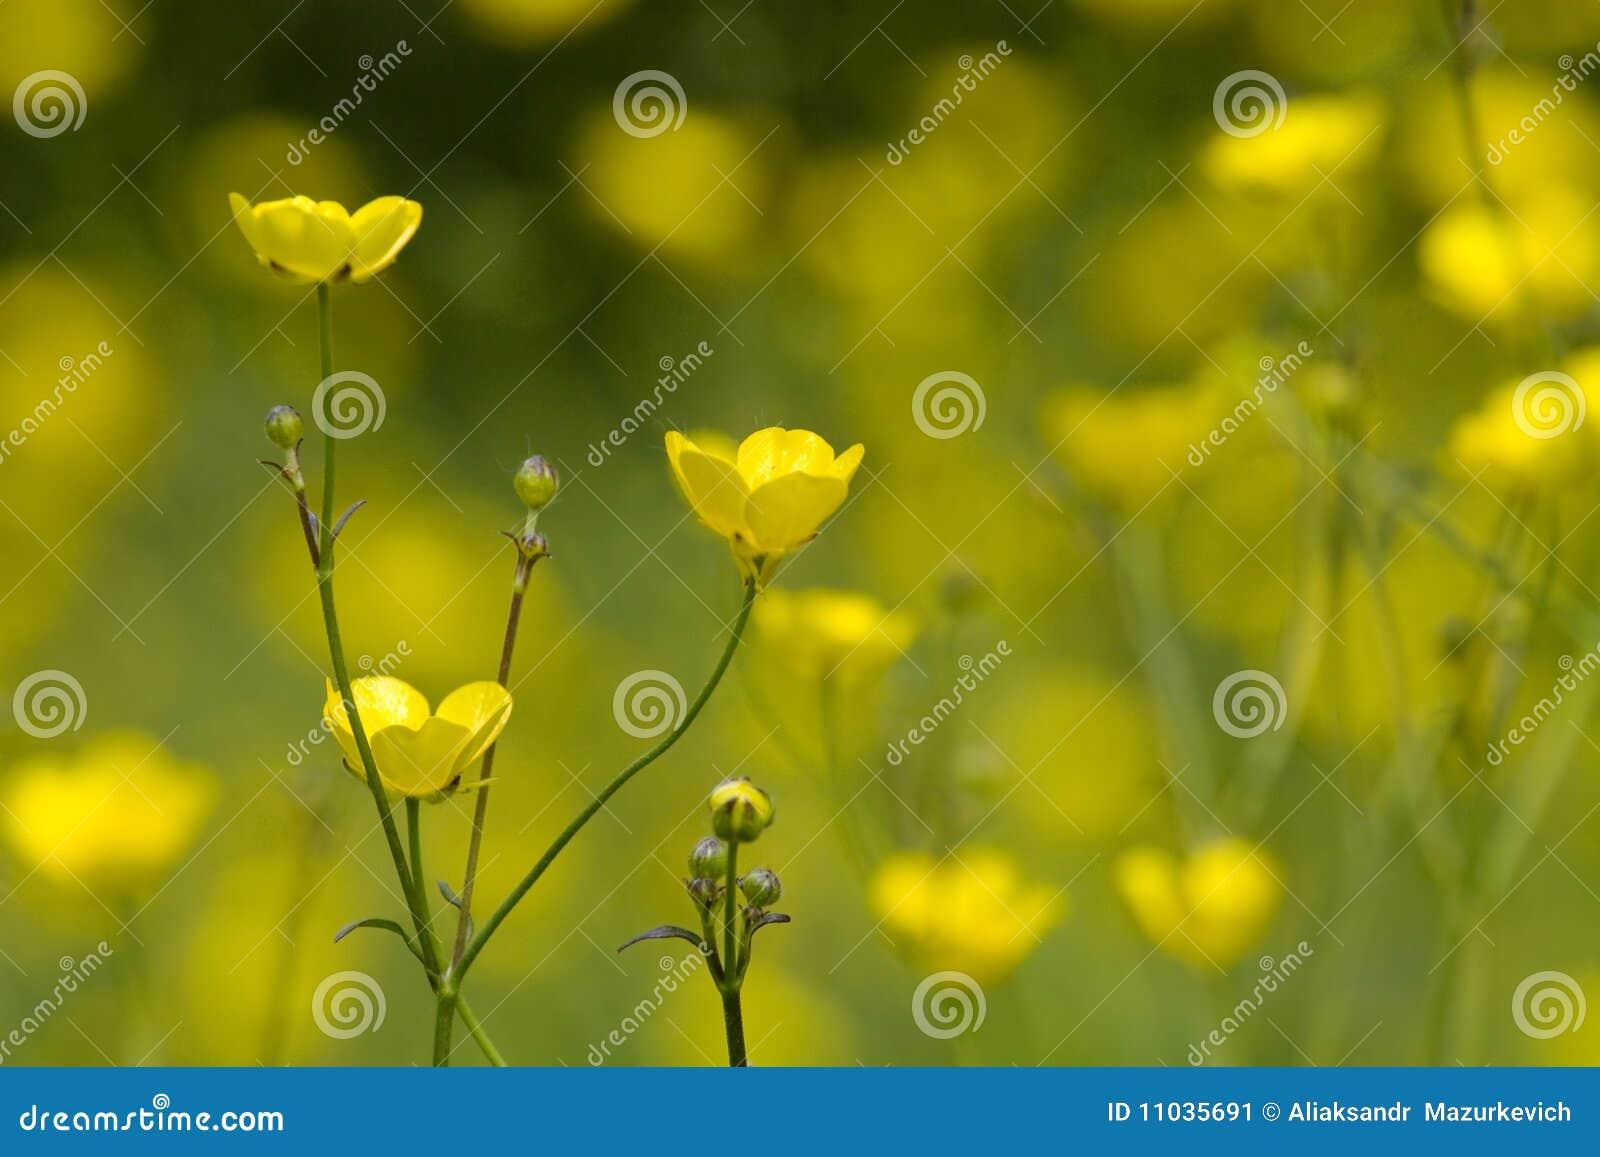 kleine gelbe blumen stockbild bild 11035691. Black Bedroom Furniture Sets. Home Design Ideas